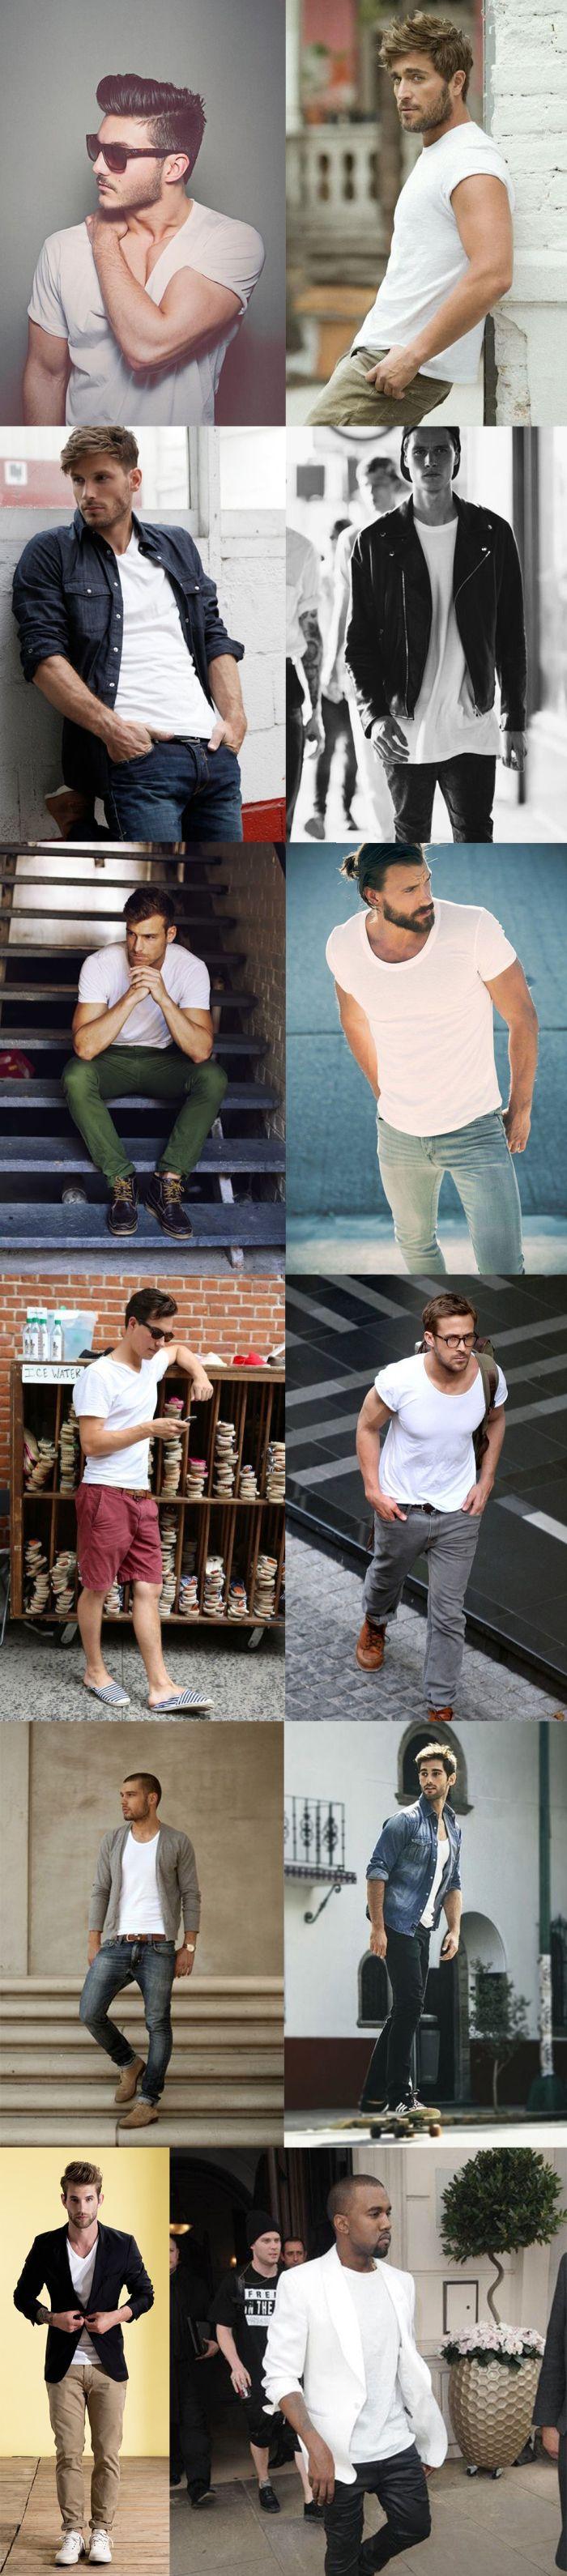 camisa-branca-masculina-como-usar-homens-que-se-cuidam-1